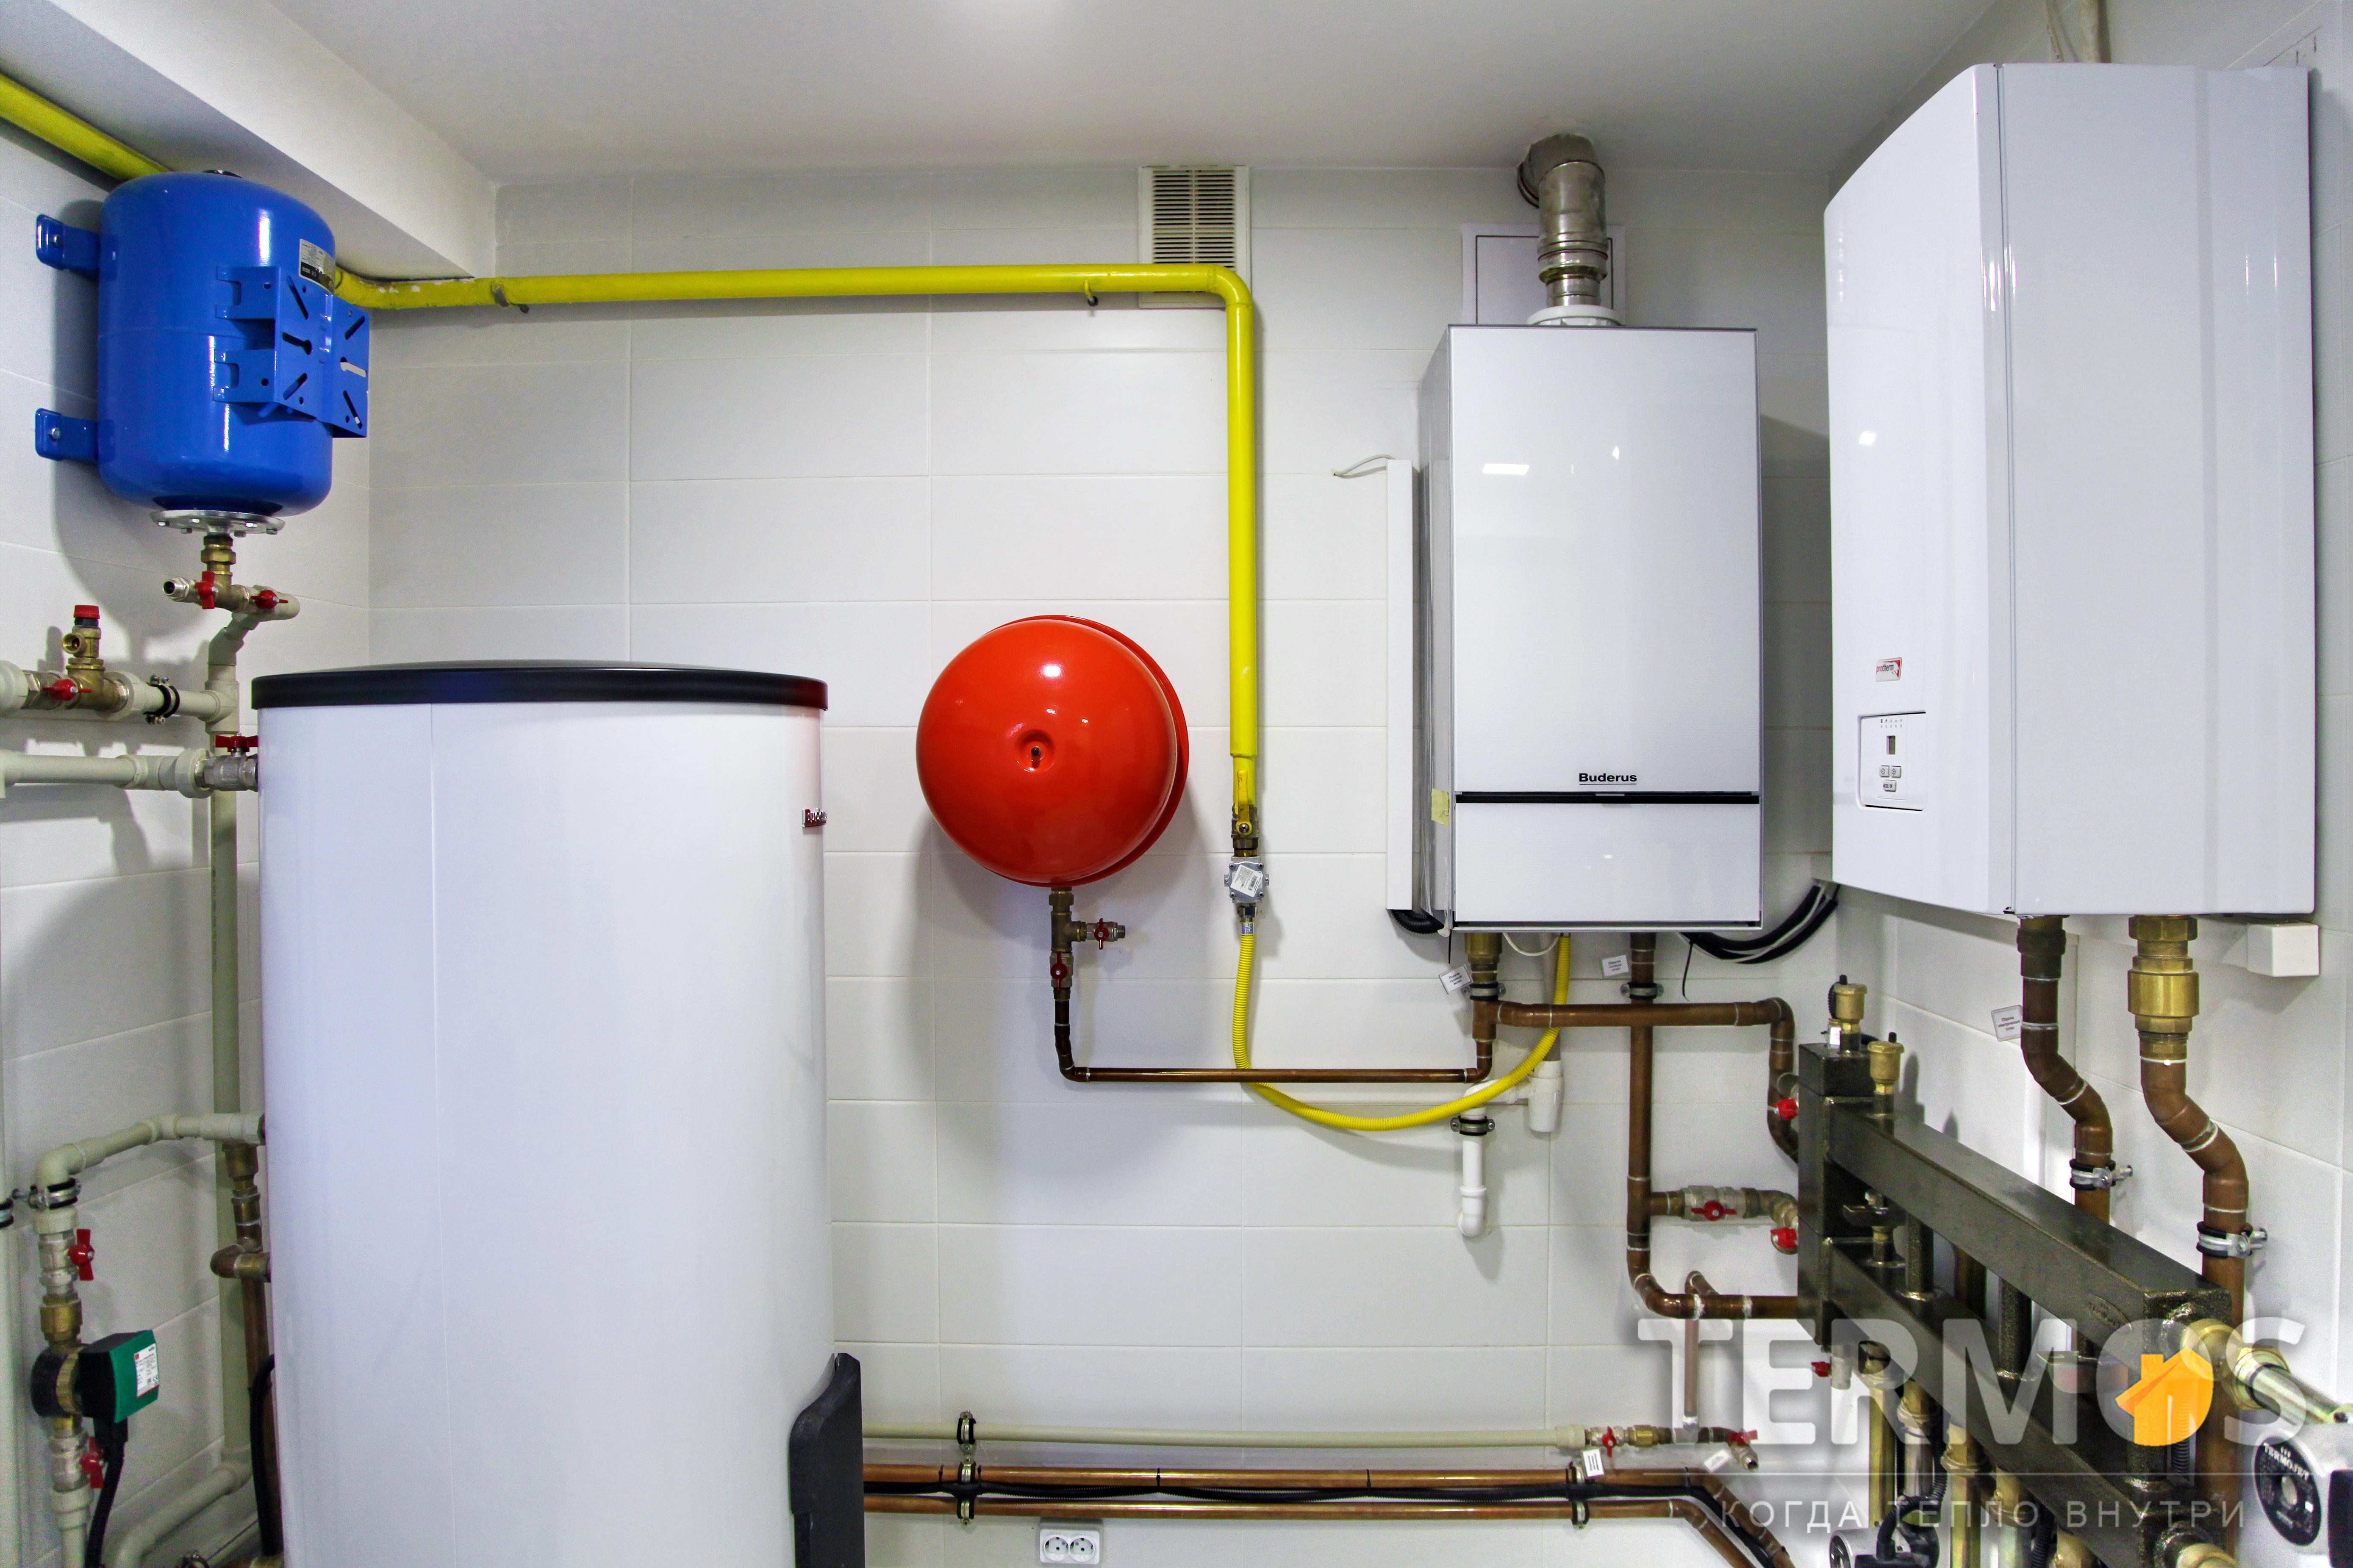 Дом 350 кв м. Система отопления на газовом конденсационном котле Buderus (Германия) 42 кВт и дублирующем электрическом котле Proterm (Чехия) 28 кВт